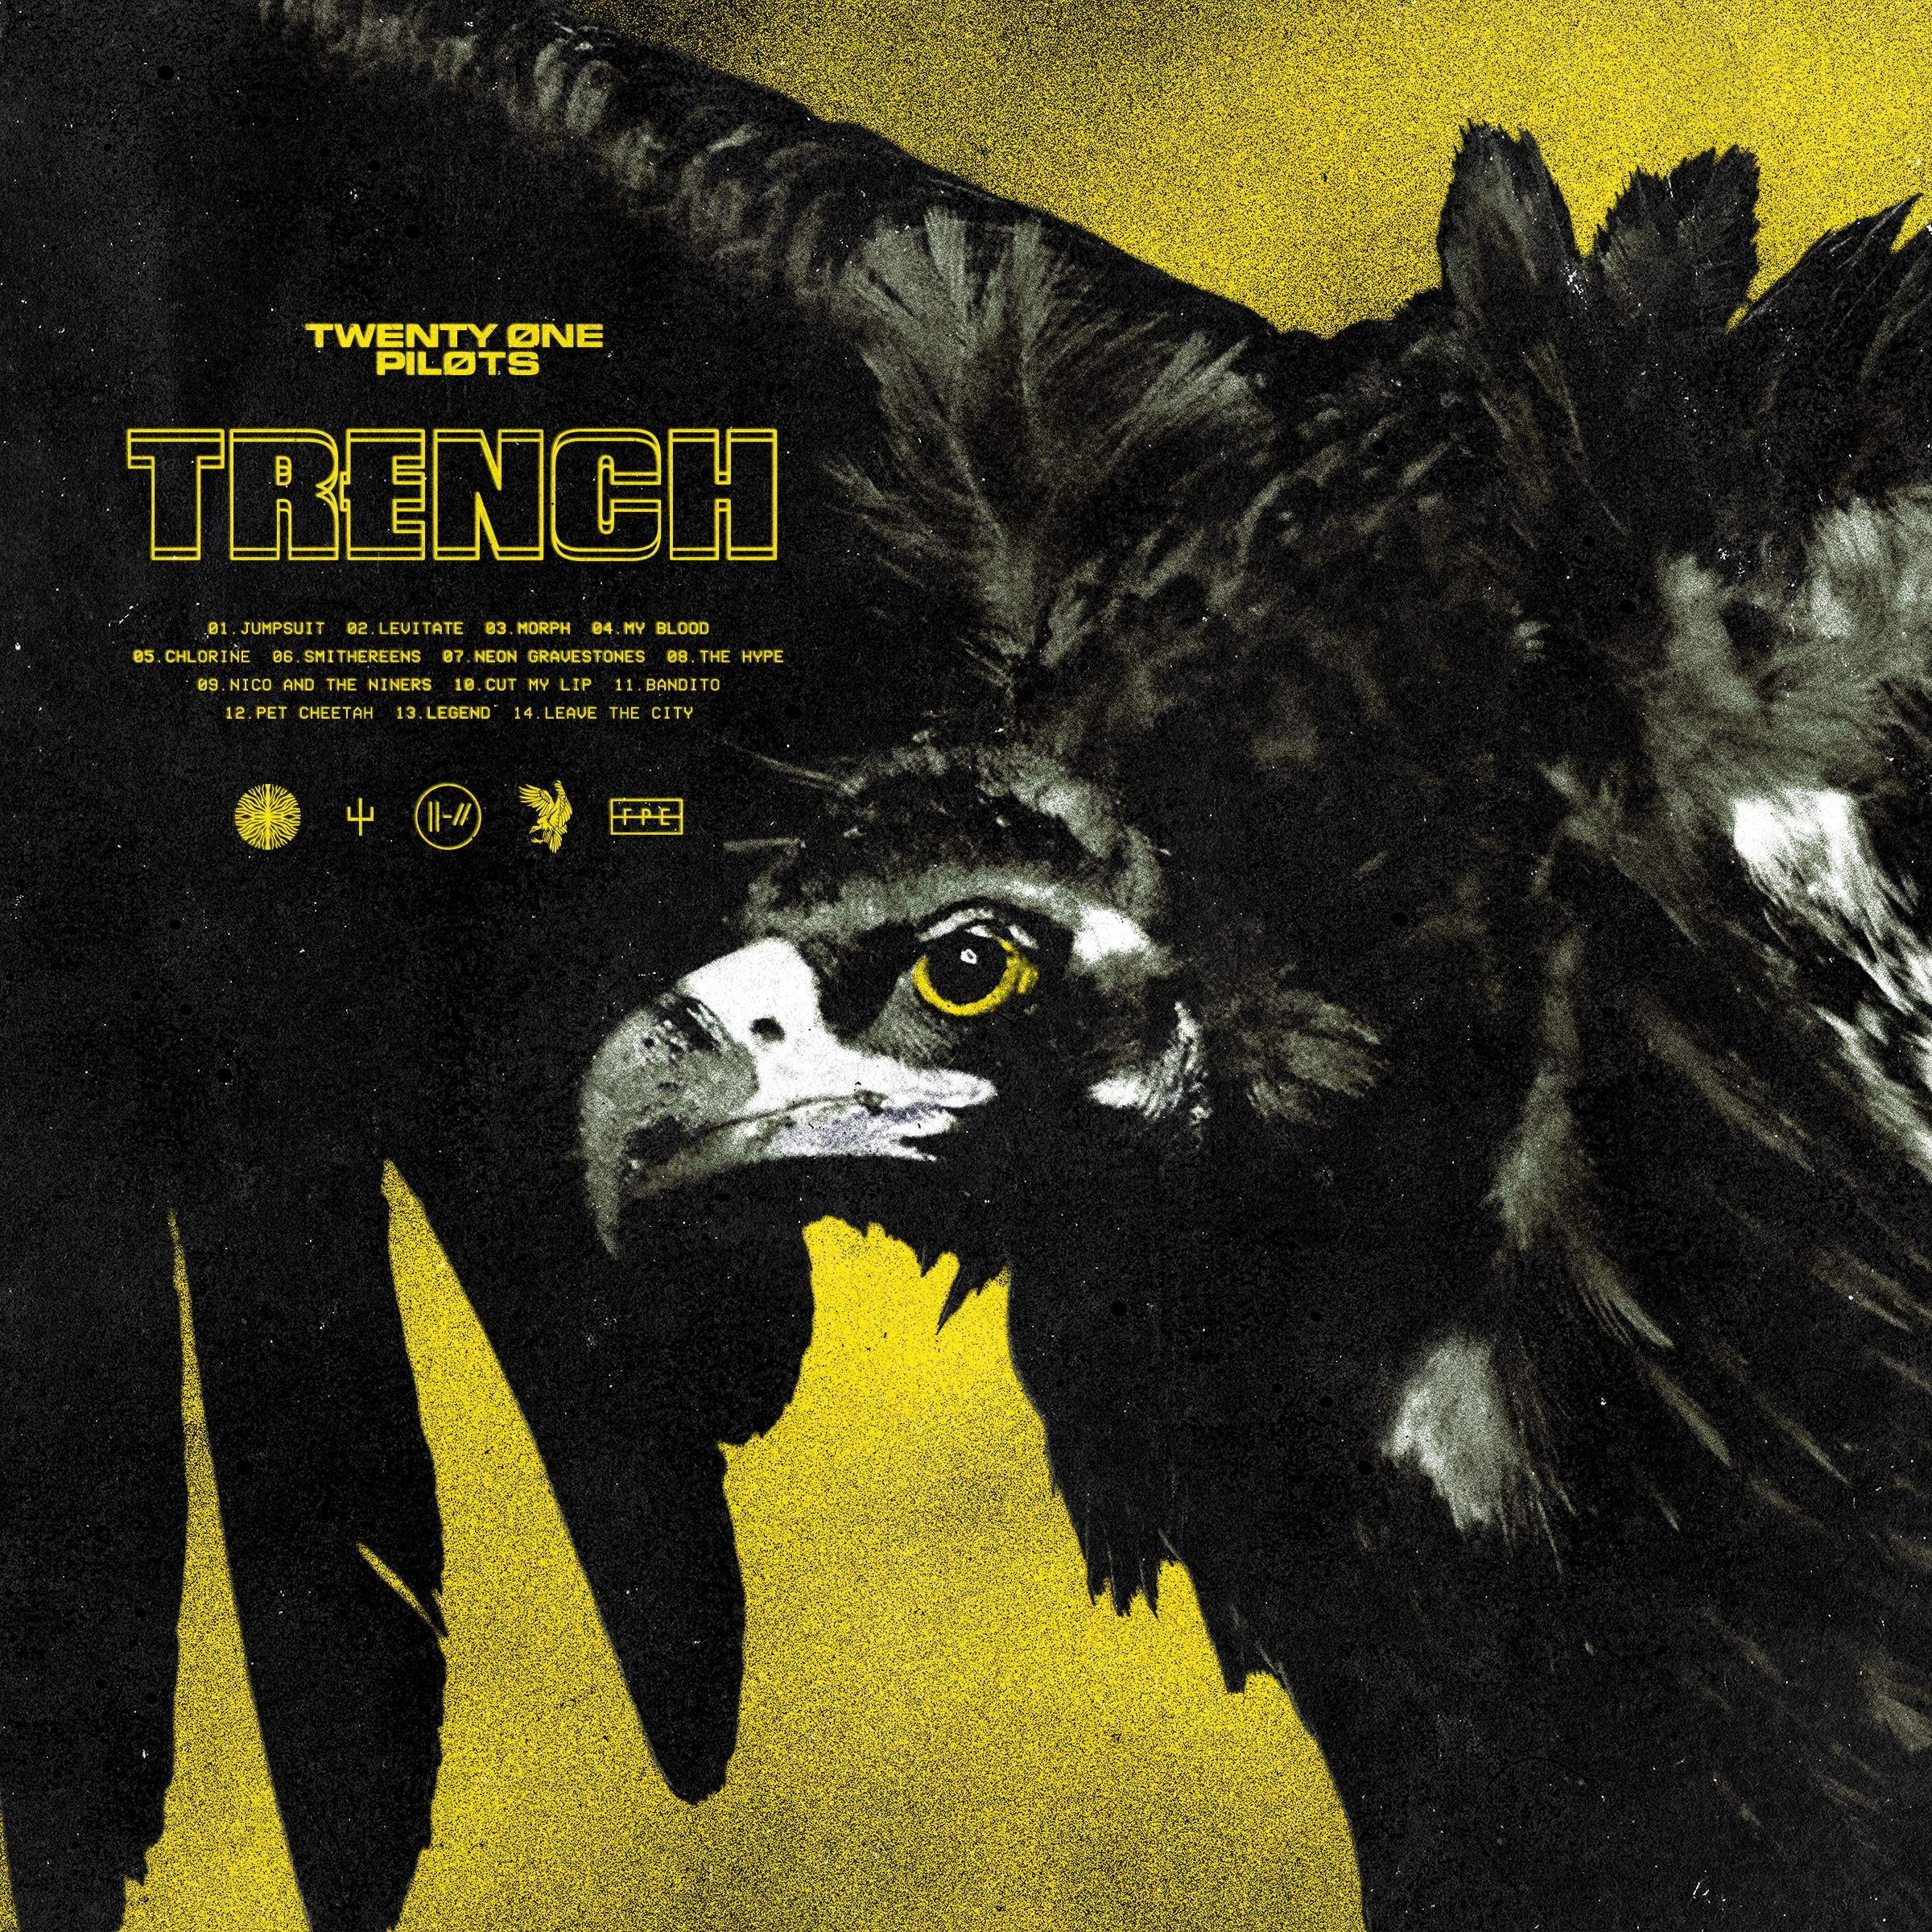 Vinilo : Twenty One Pilots - Trench (Gatefold LP Jacket, Digital Download Card)